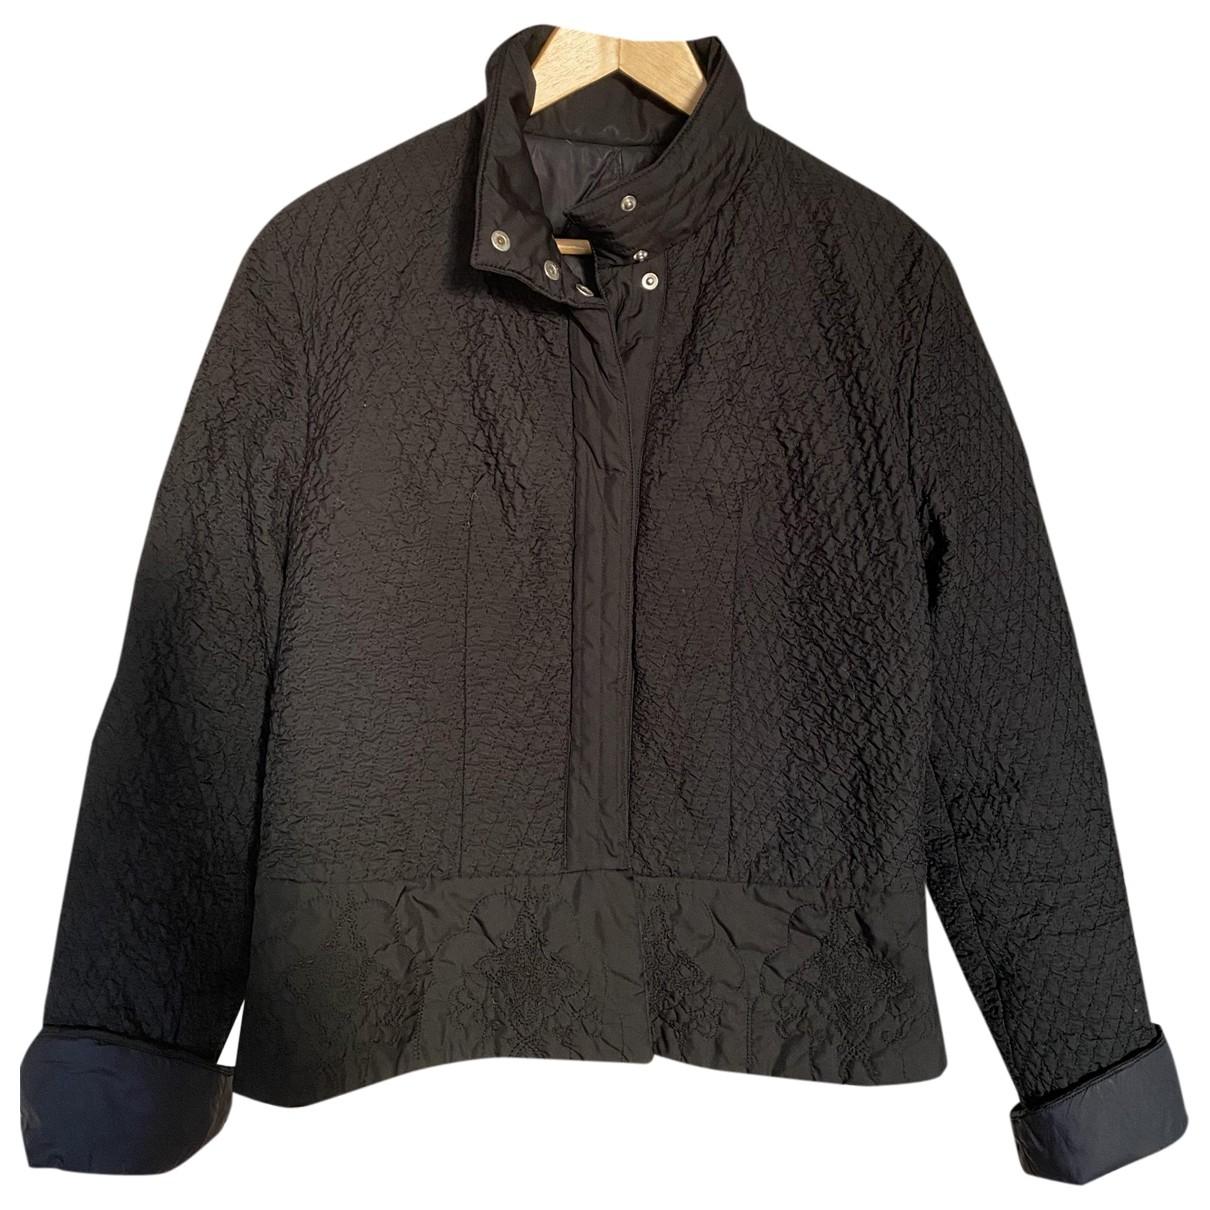 Moncler \N Black jacket for Women 4 0-5